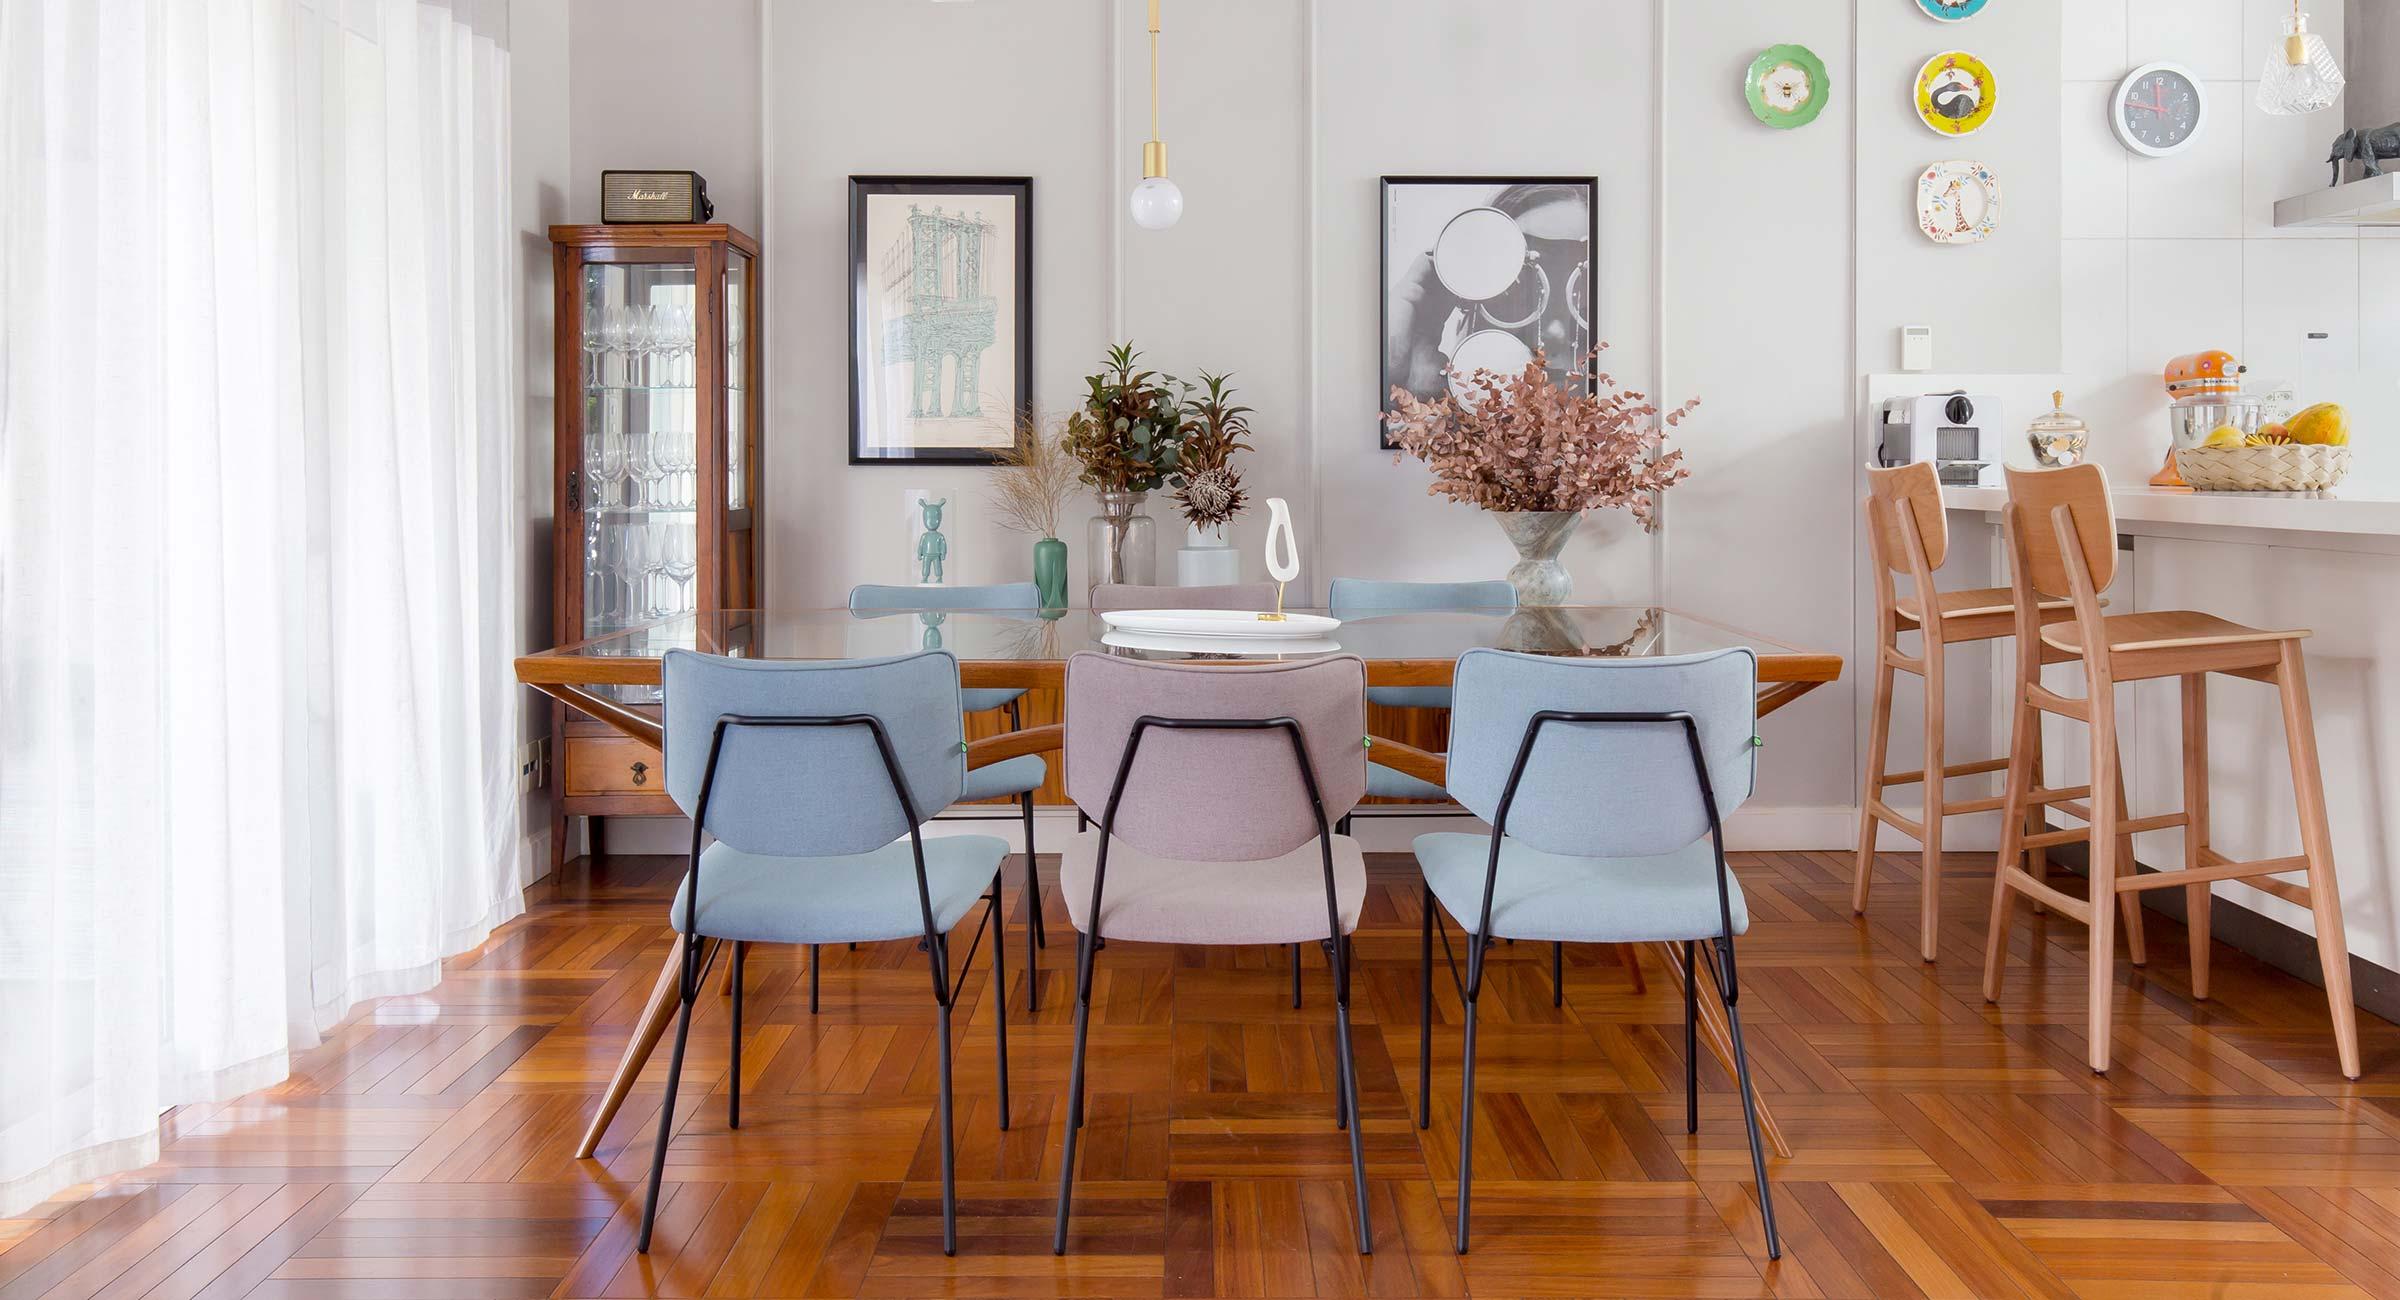 A moradora gosta de misturar peças vintage com itens modernos, como as cadeiras Serafina e o sofá Milu